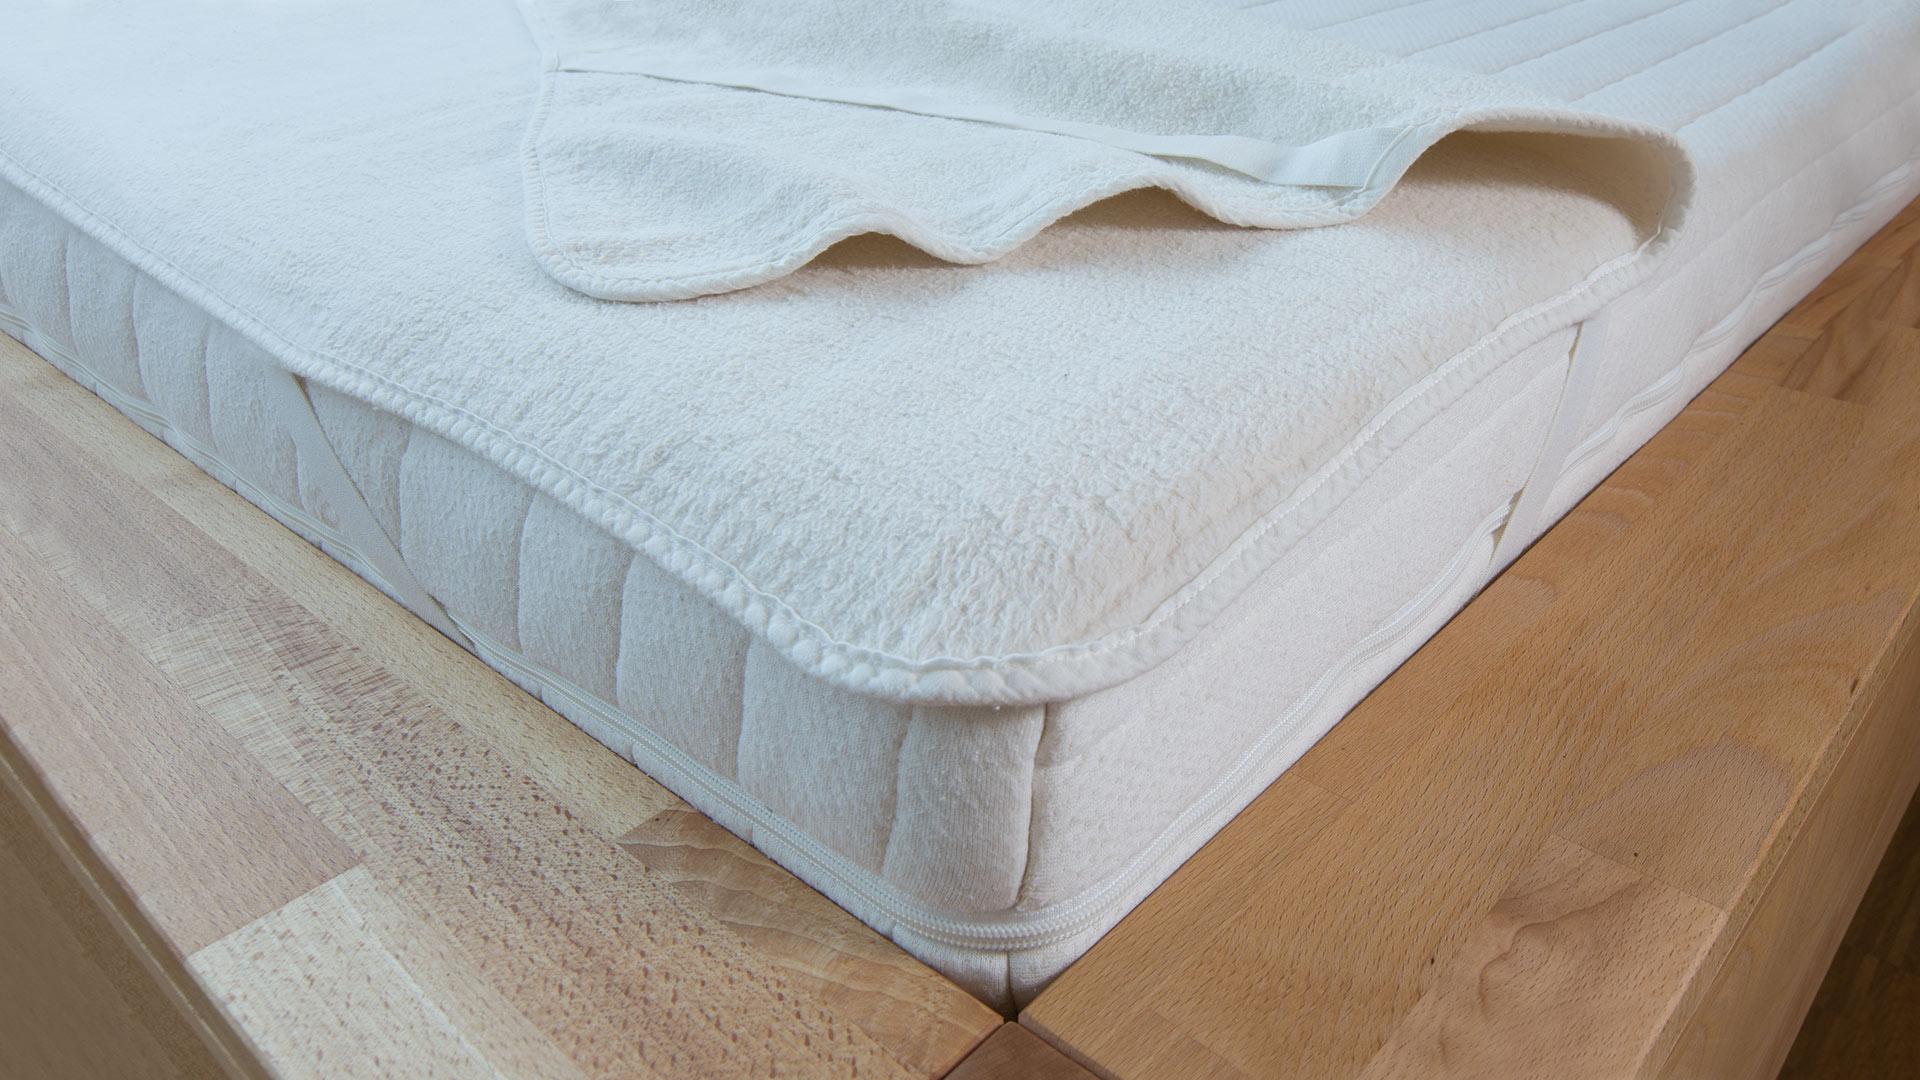 Full Size of Moltonauflage Aus Kba Baumwolle Waschbar Bettwäsche Sprüche Bett 180x200 160 Rauch Betten 200x200 Weiß Für übergewichtige Schrank Metall Hohe Hoch Bett Bett 1.40